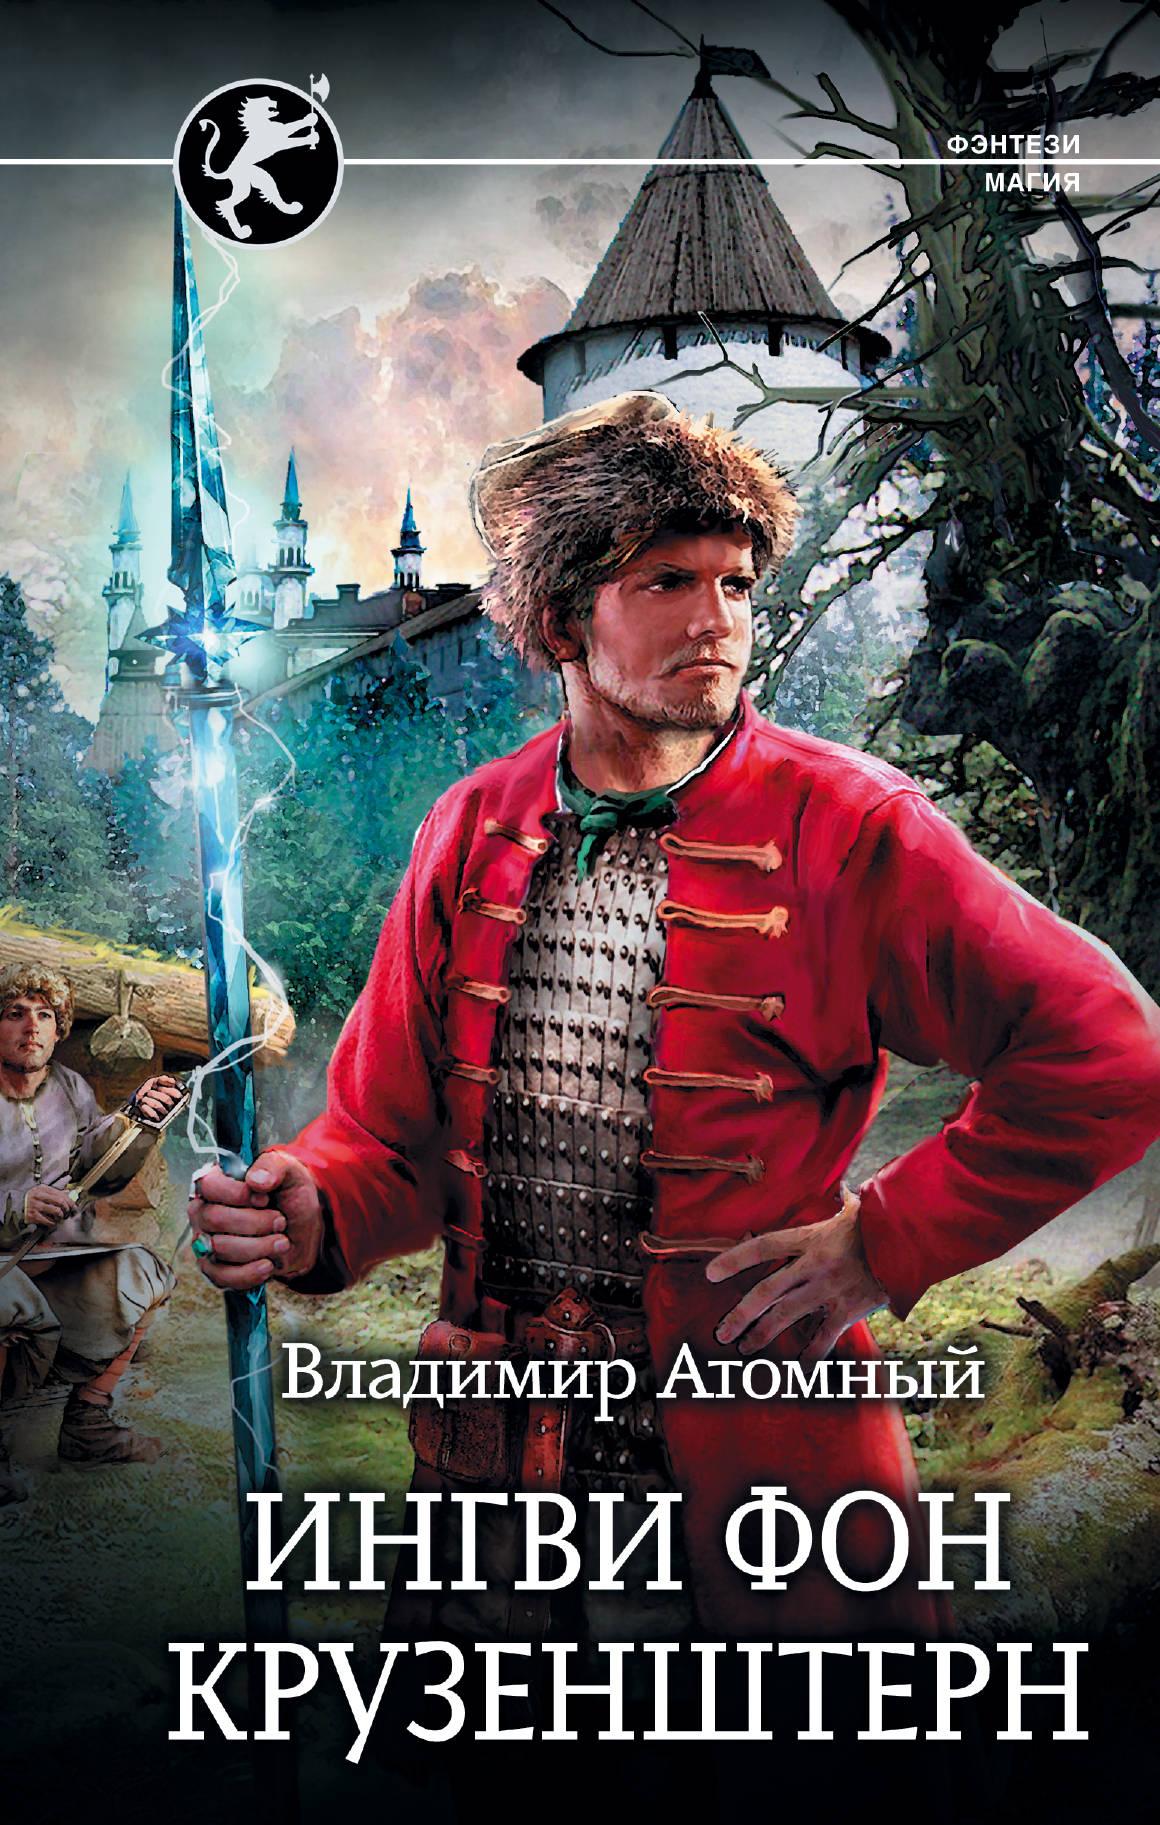 Ингви фон Крузенштерн - Владимир Атомный